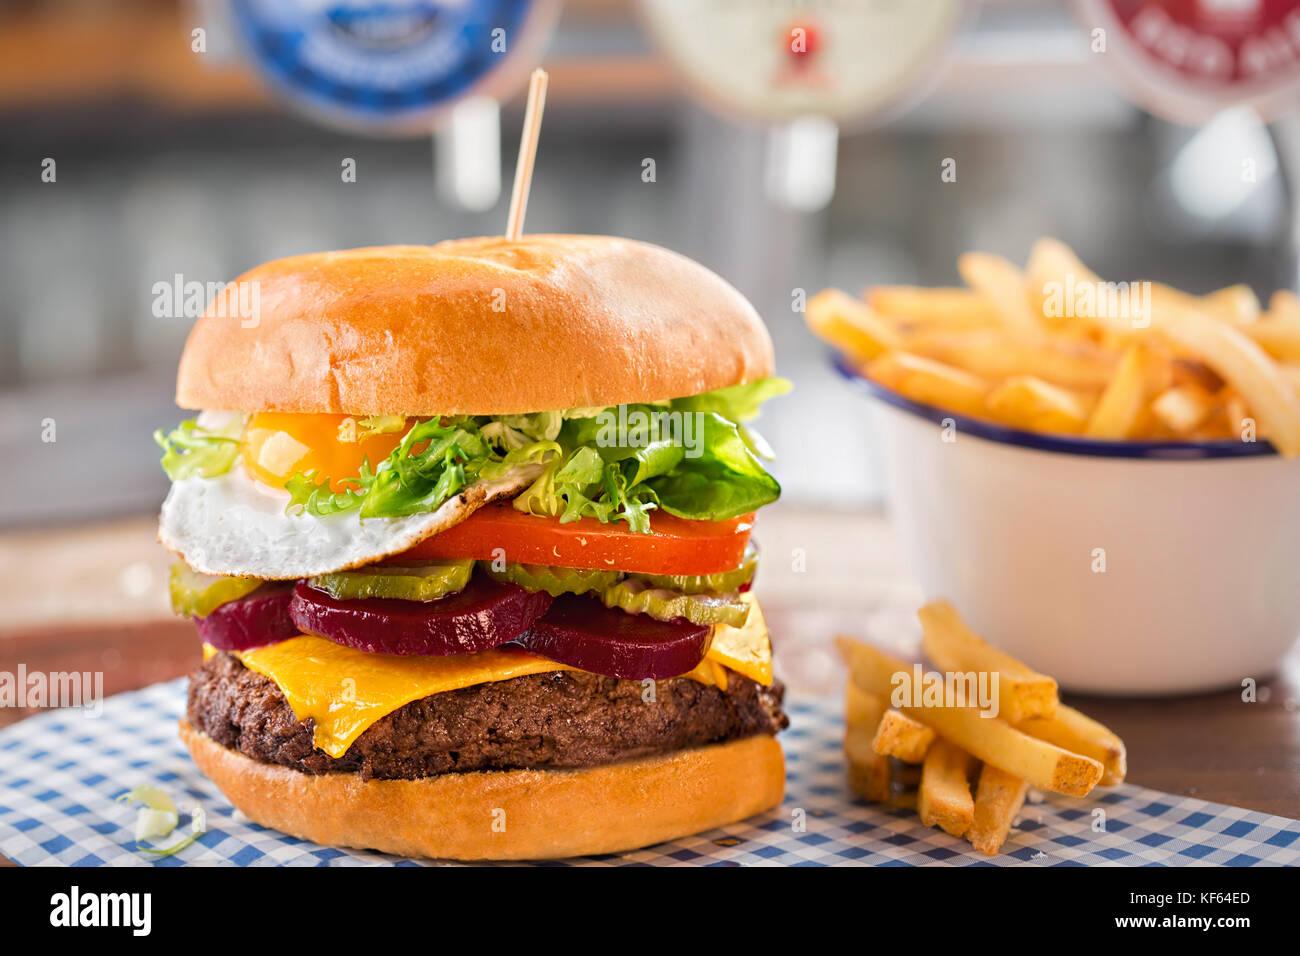 Burger de boeuf au fromage, laitue, tomate, betterave & cornichon, surmonté d'un œuf frit Photo Stock